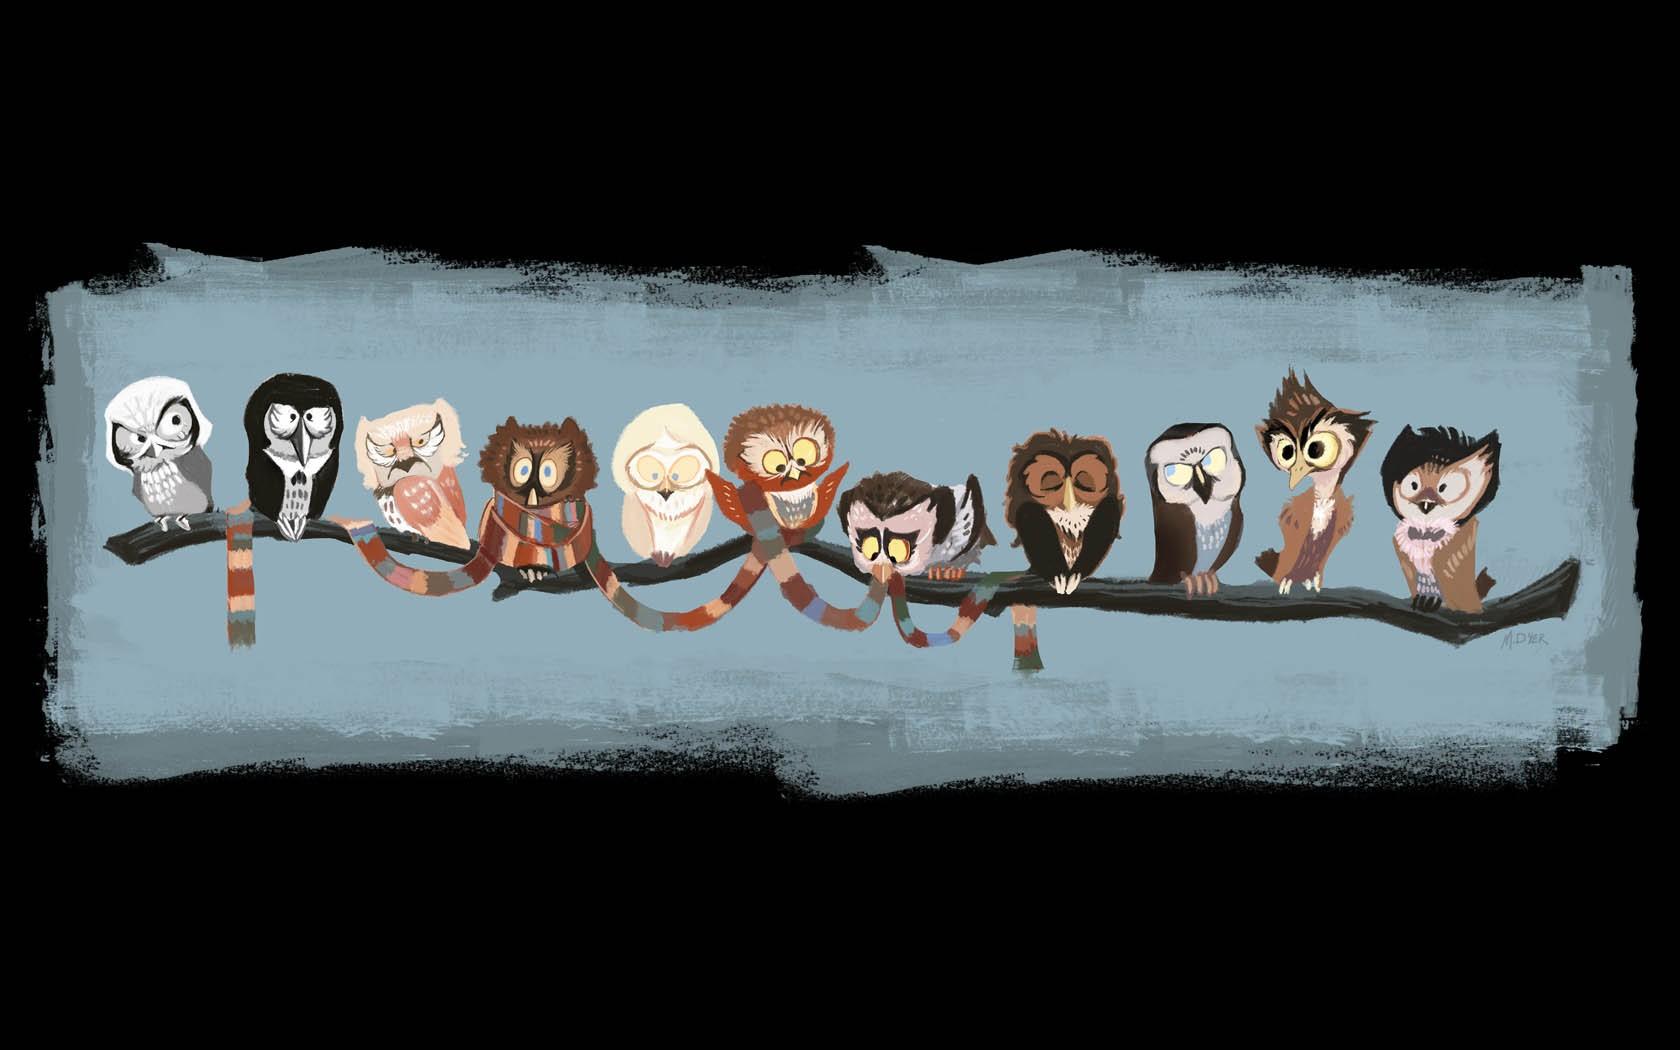 Wallpaper Ilustrasi Hewan Syal Burung Hantu Dokter Yang